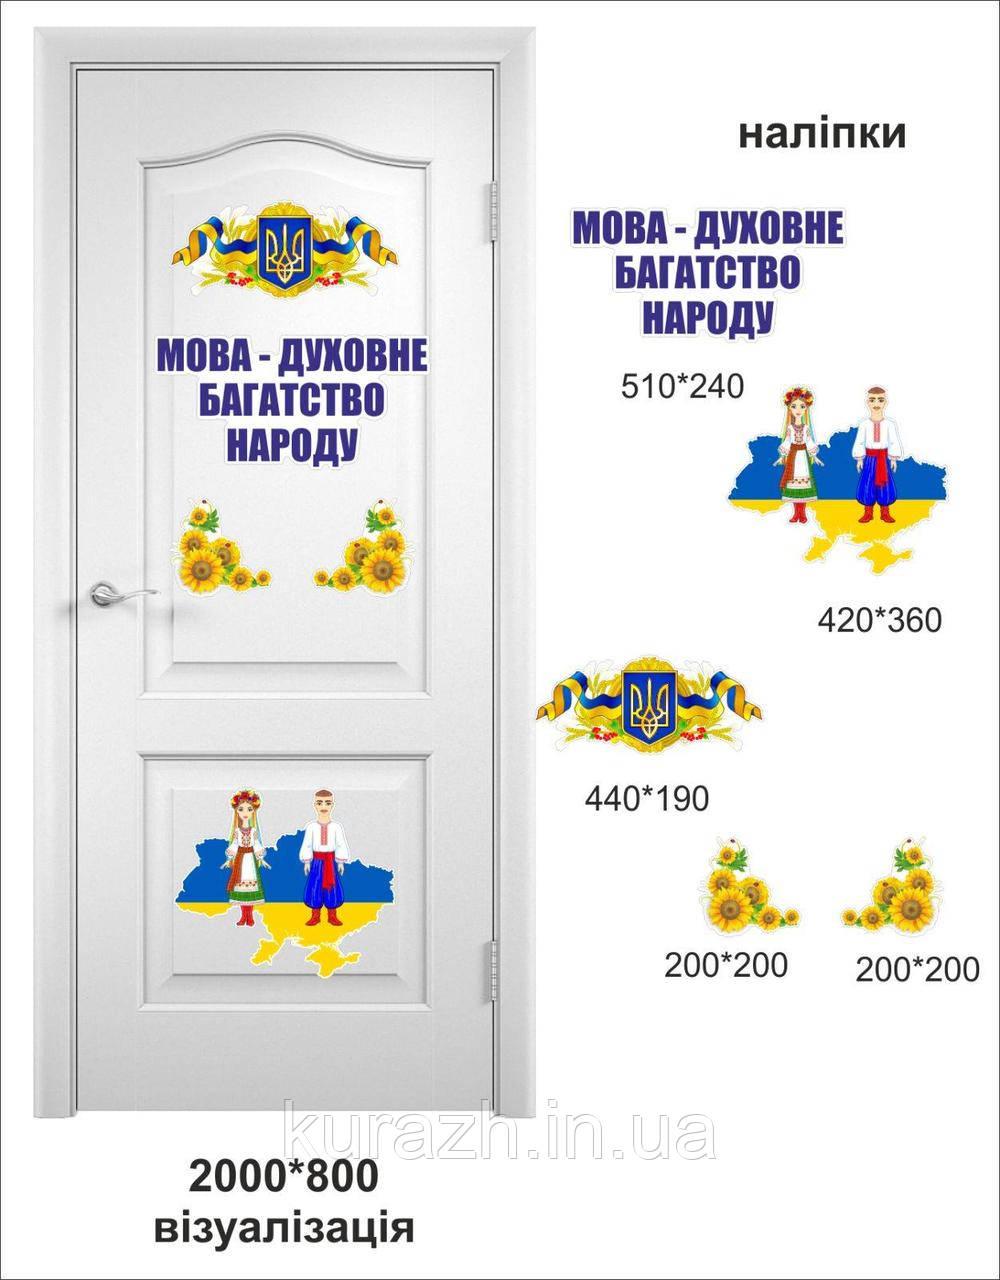 Набір вінілових наклейок на двері для української мови та літератури